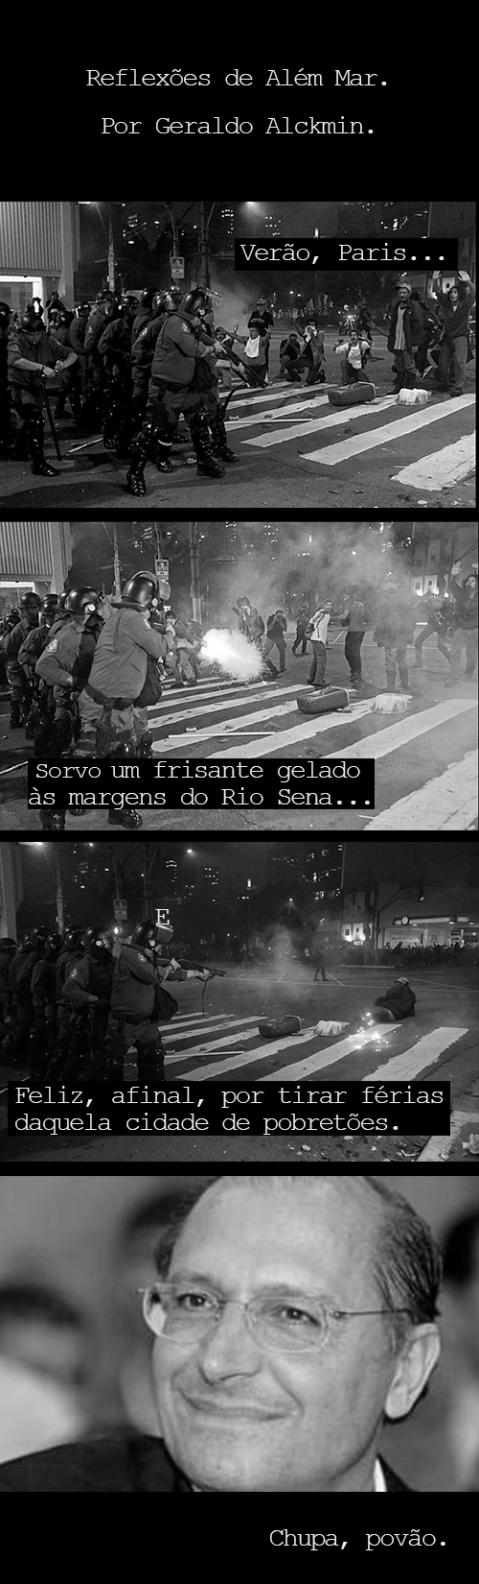 Manifestos-Sao-Paulo-Alckmin